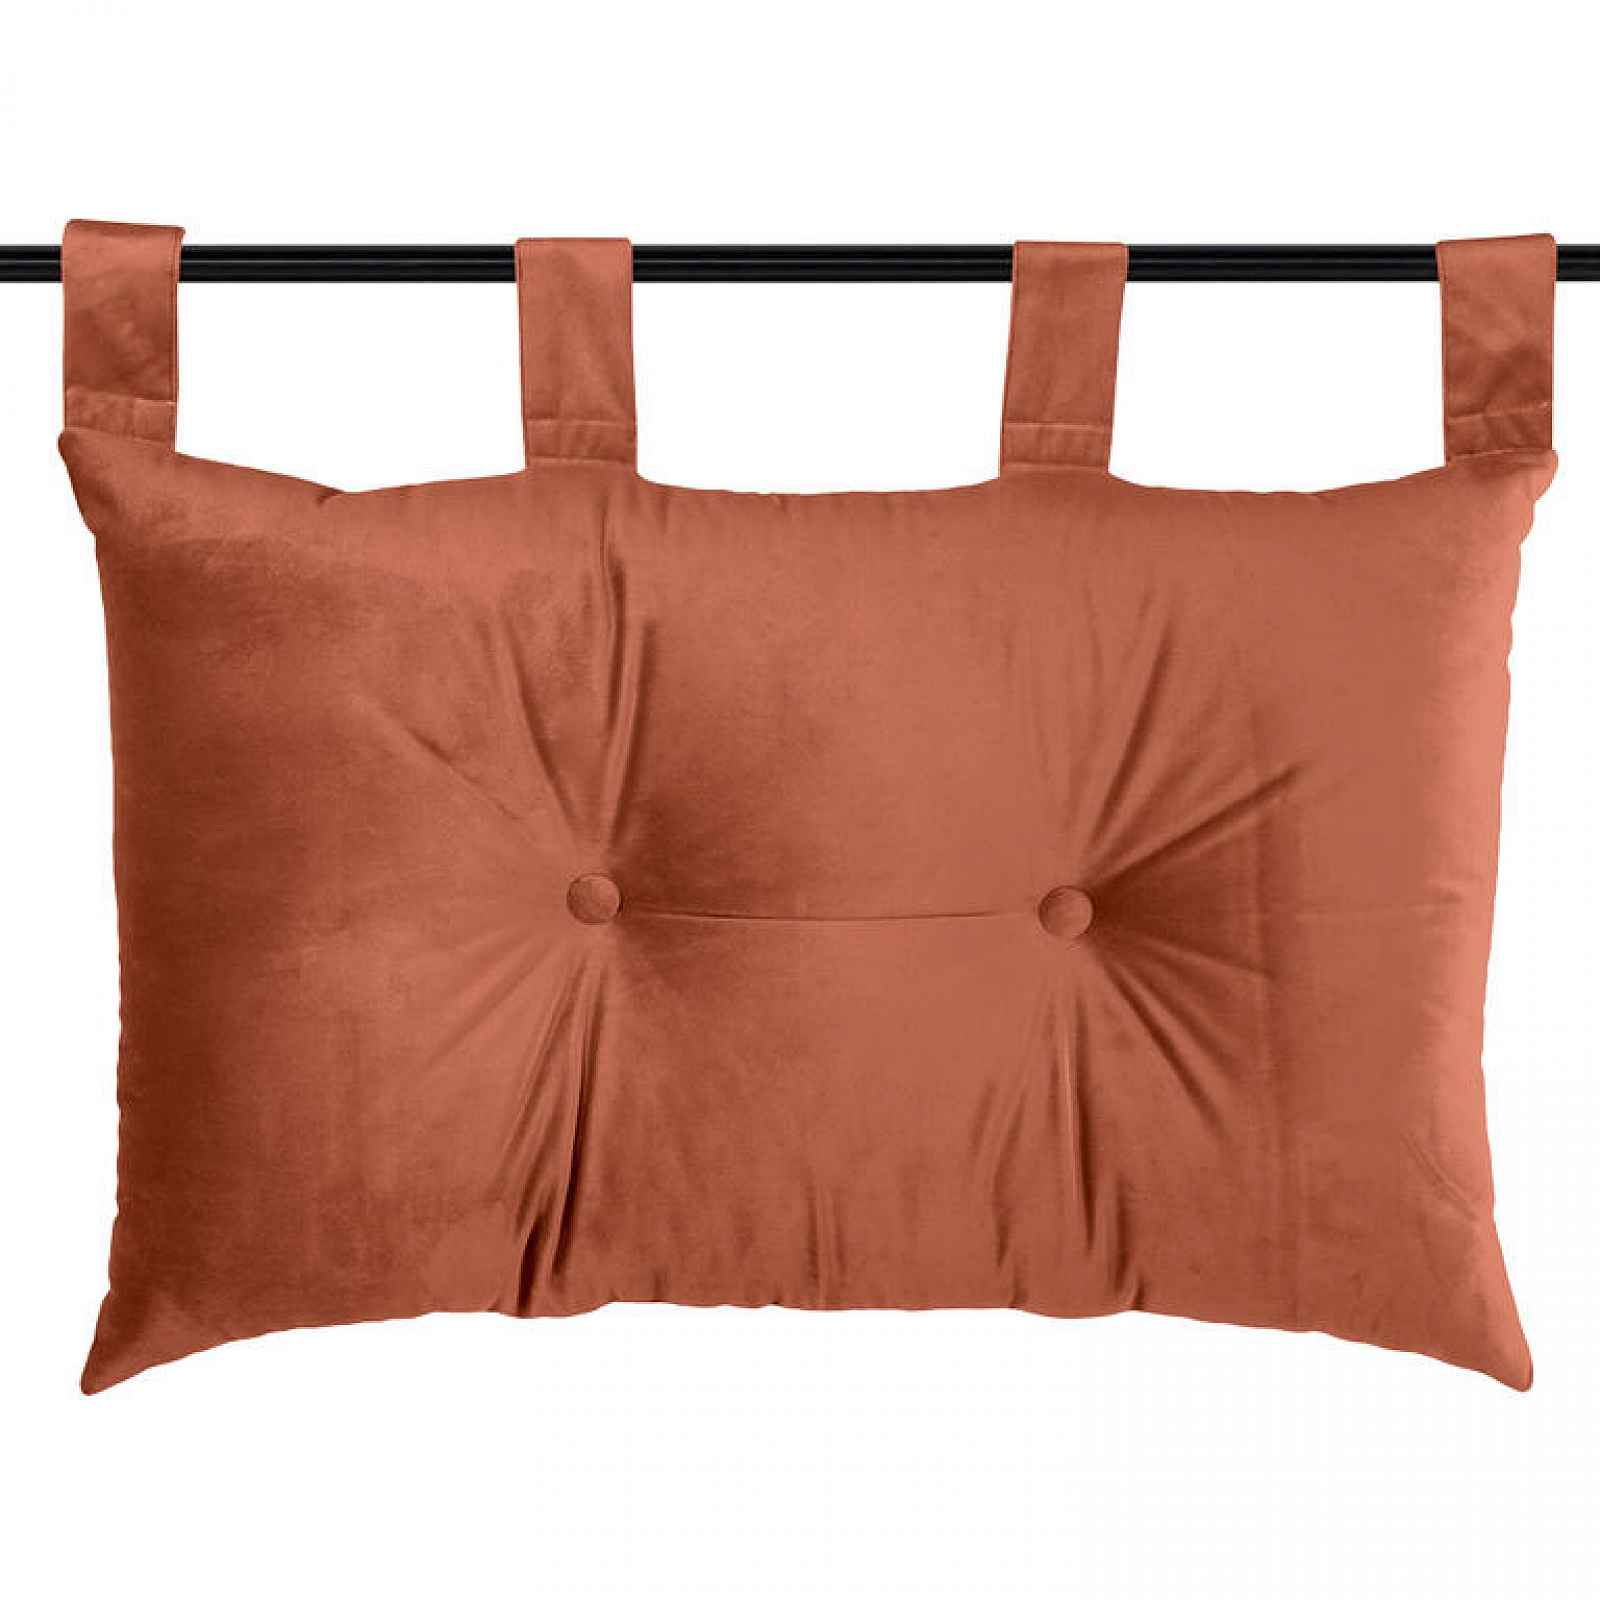 Závěsný polštář DANAÉ TERRACOTTA 70 x 45 cm